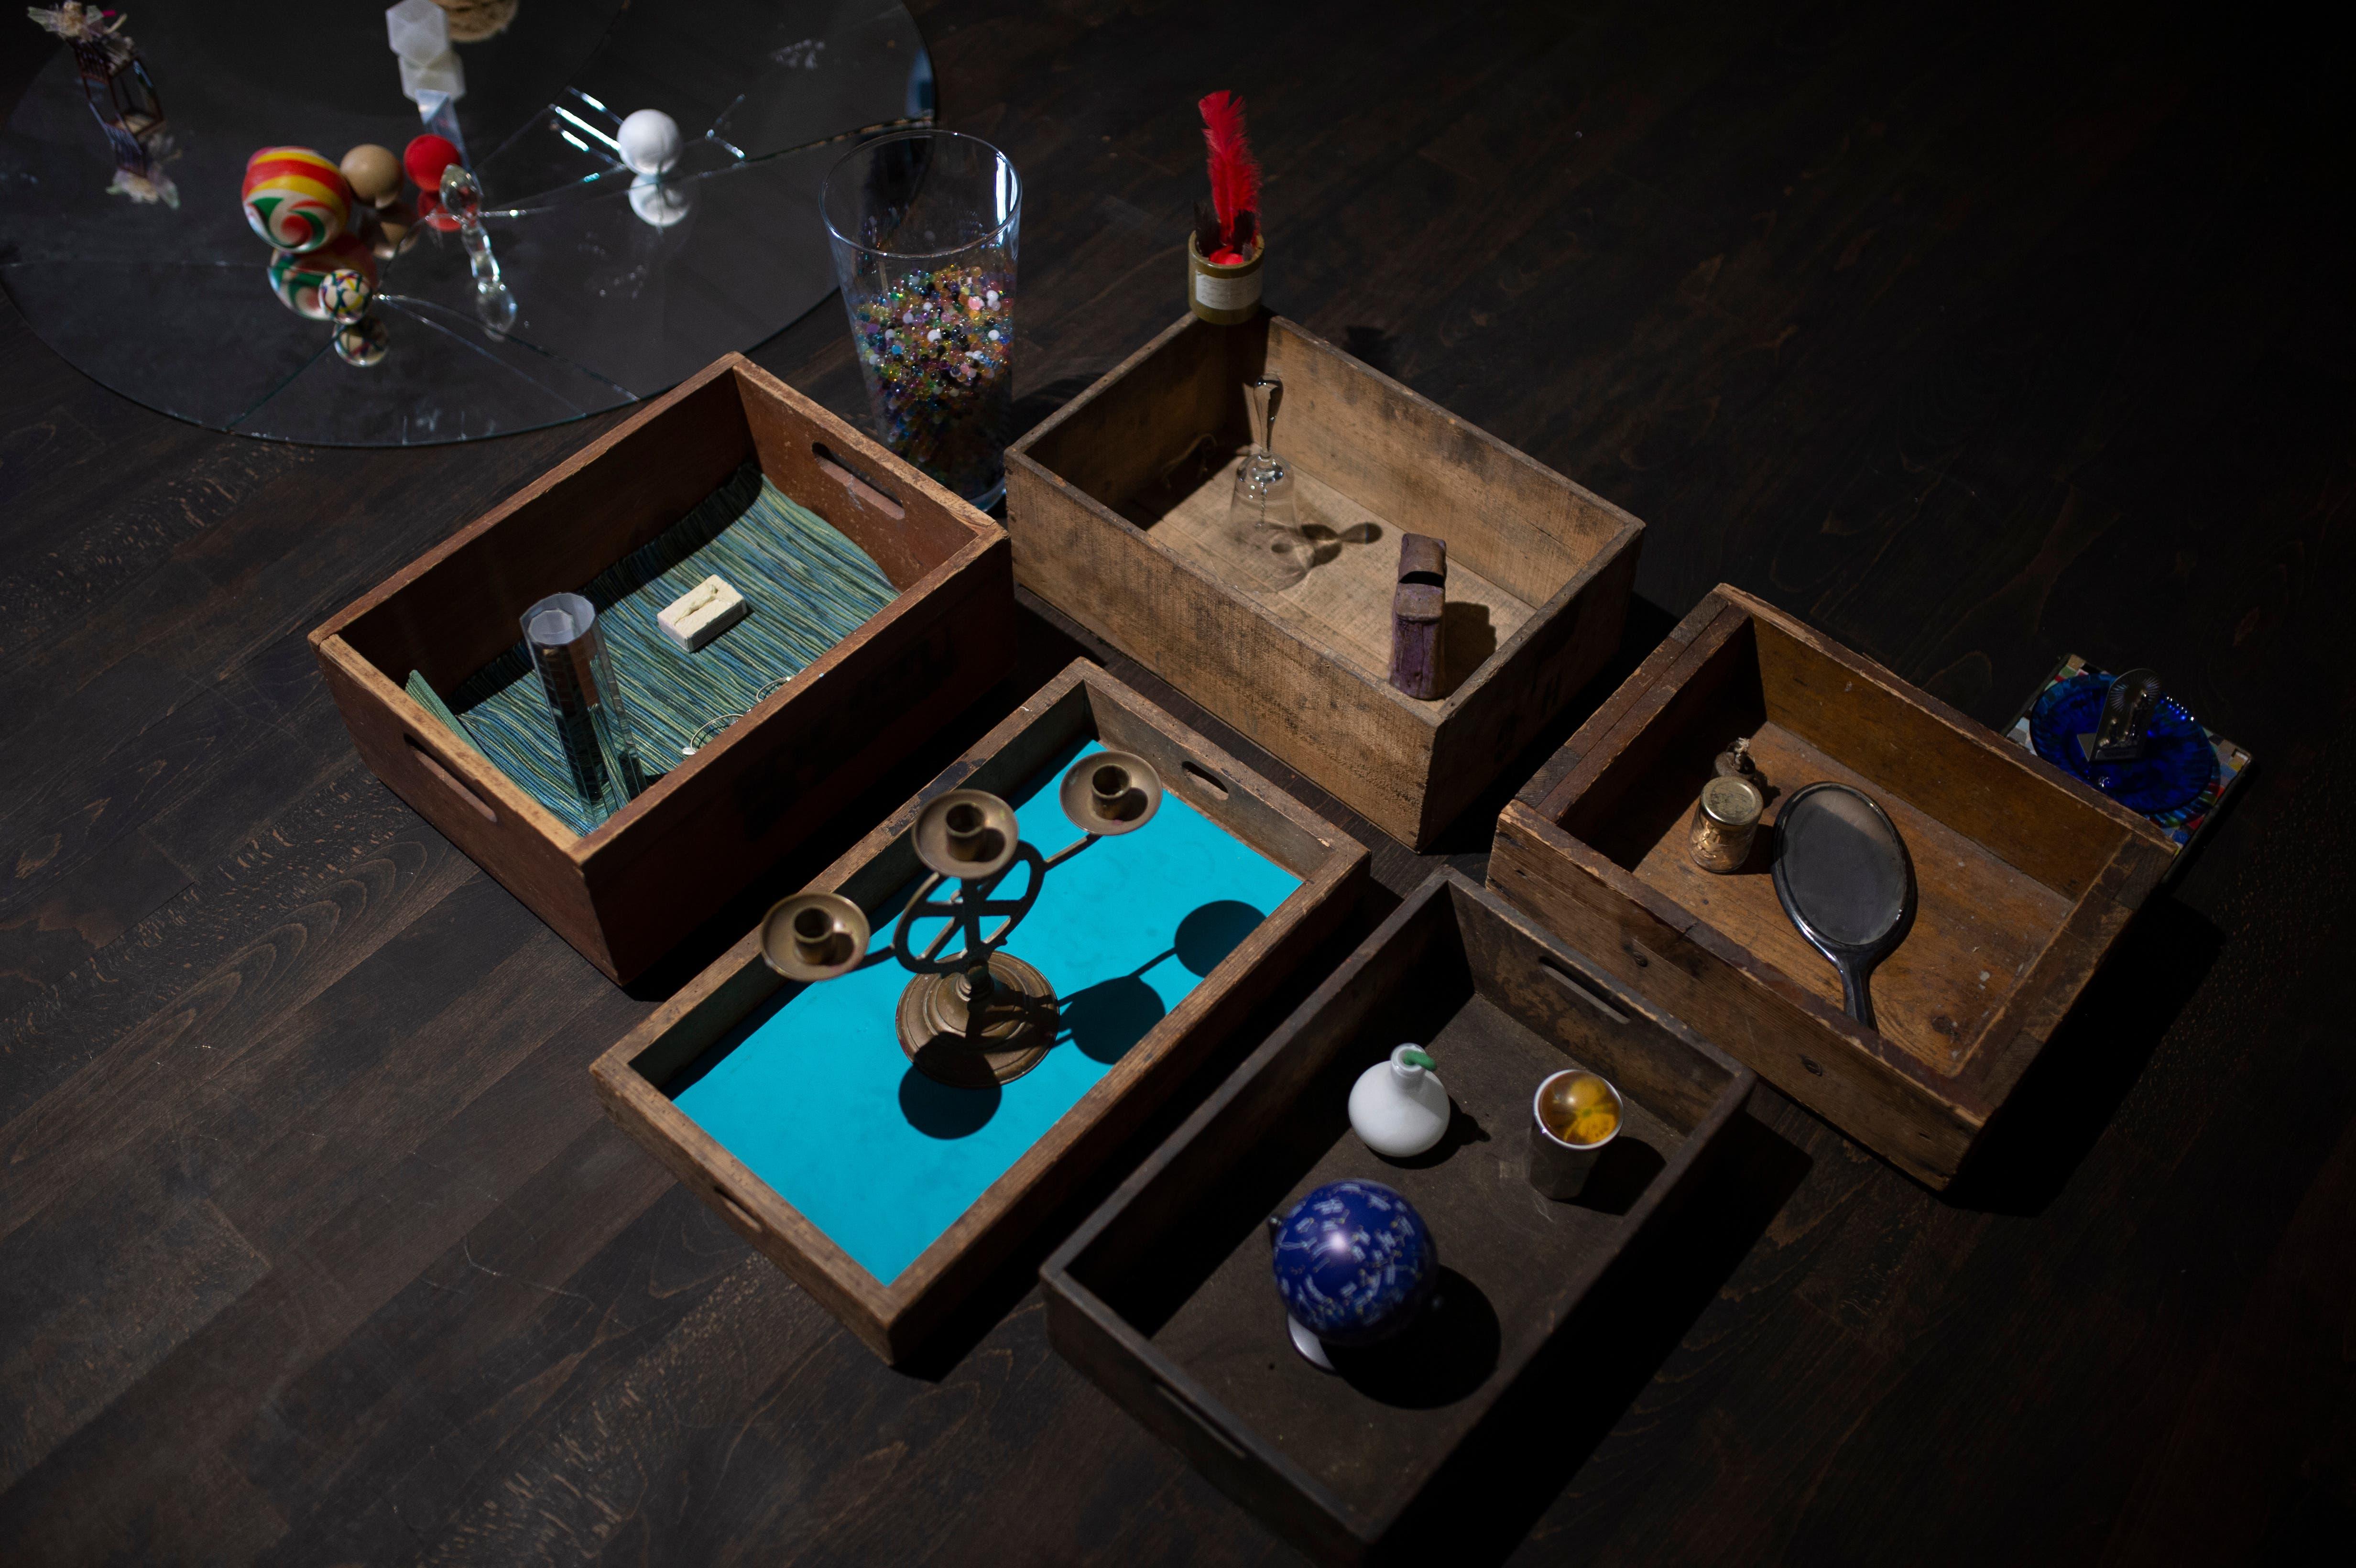 Eine Assemblage aus dem Fundus an gesammelten Gegenständen aus dem Atelier der Künstlerin – zu sehen im Dachgeschoss der Galerie Benzeholz.